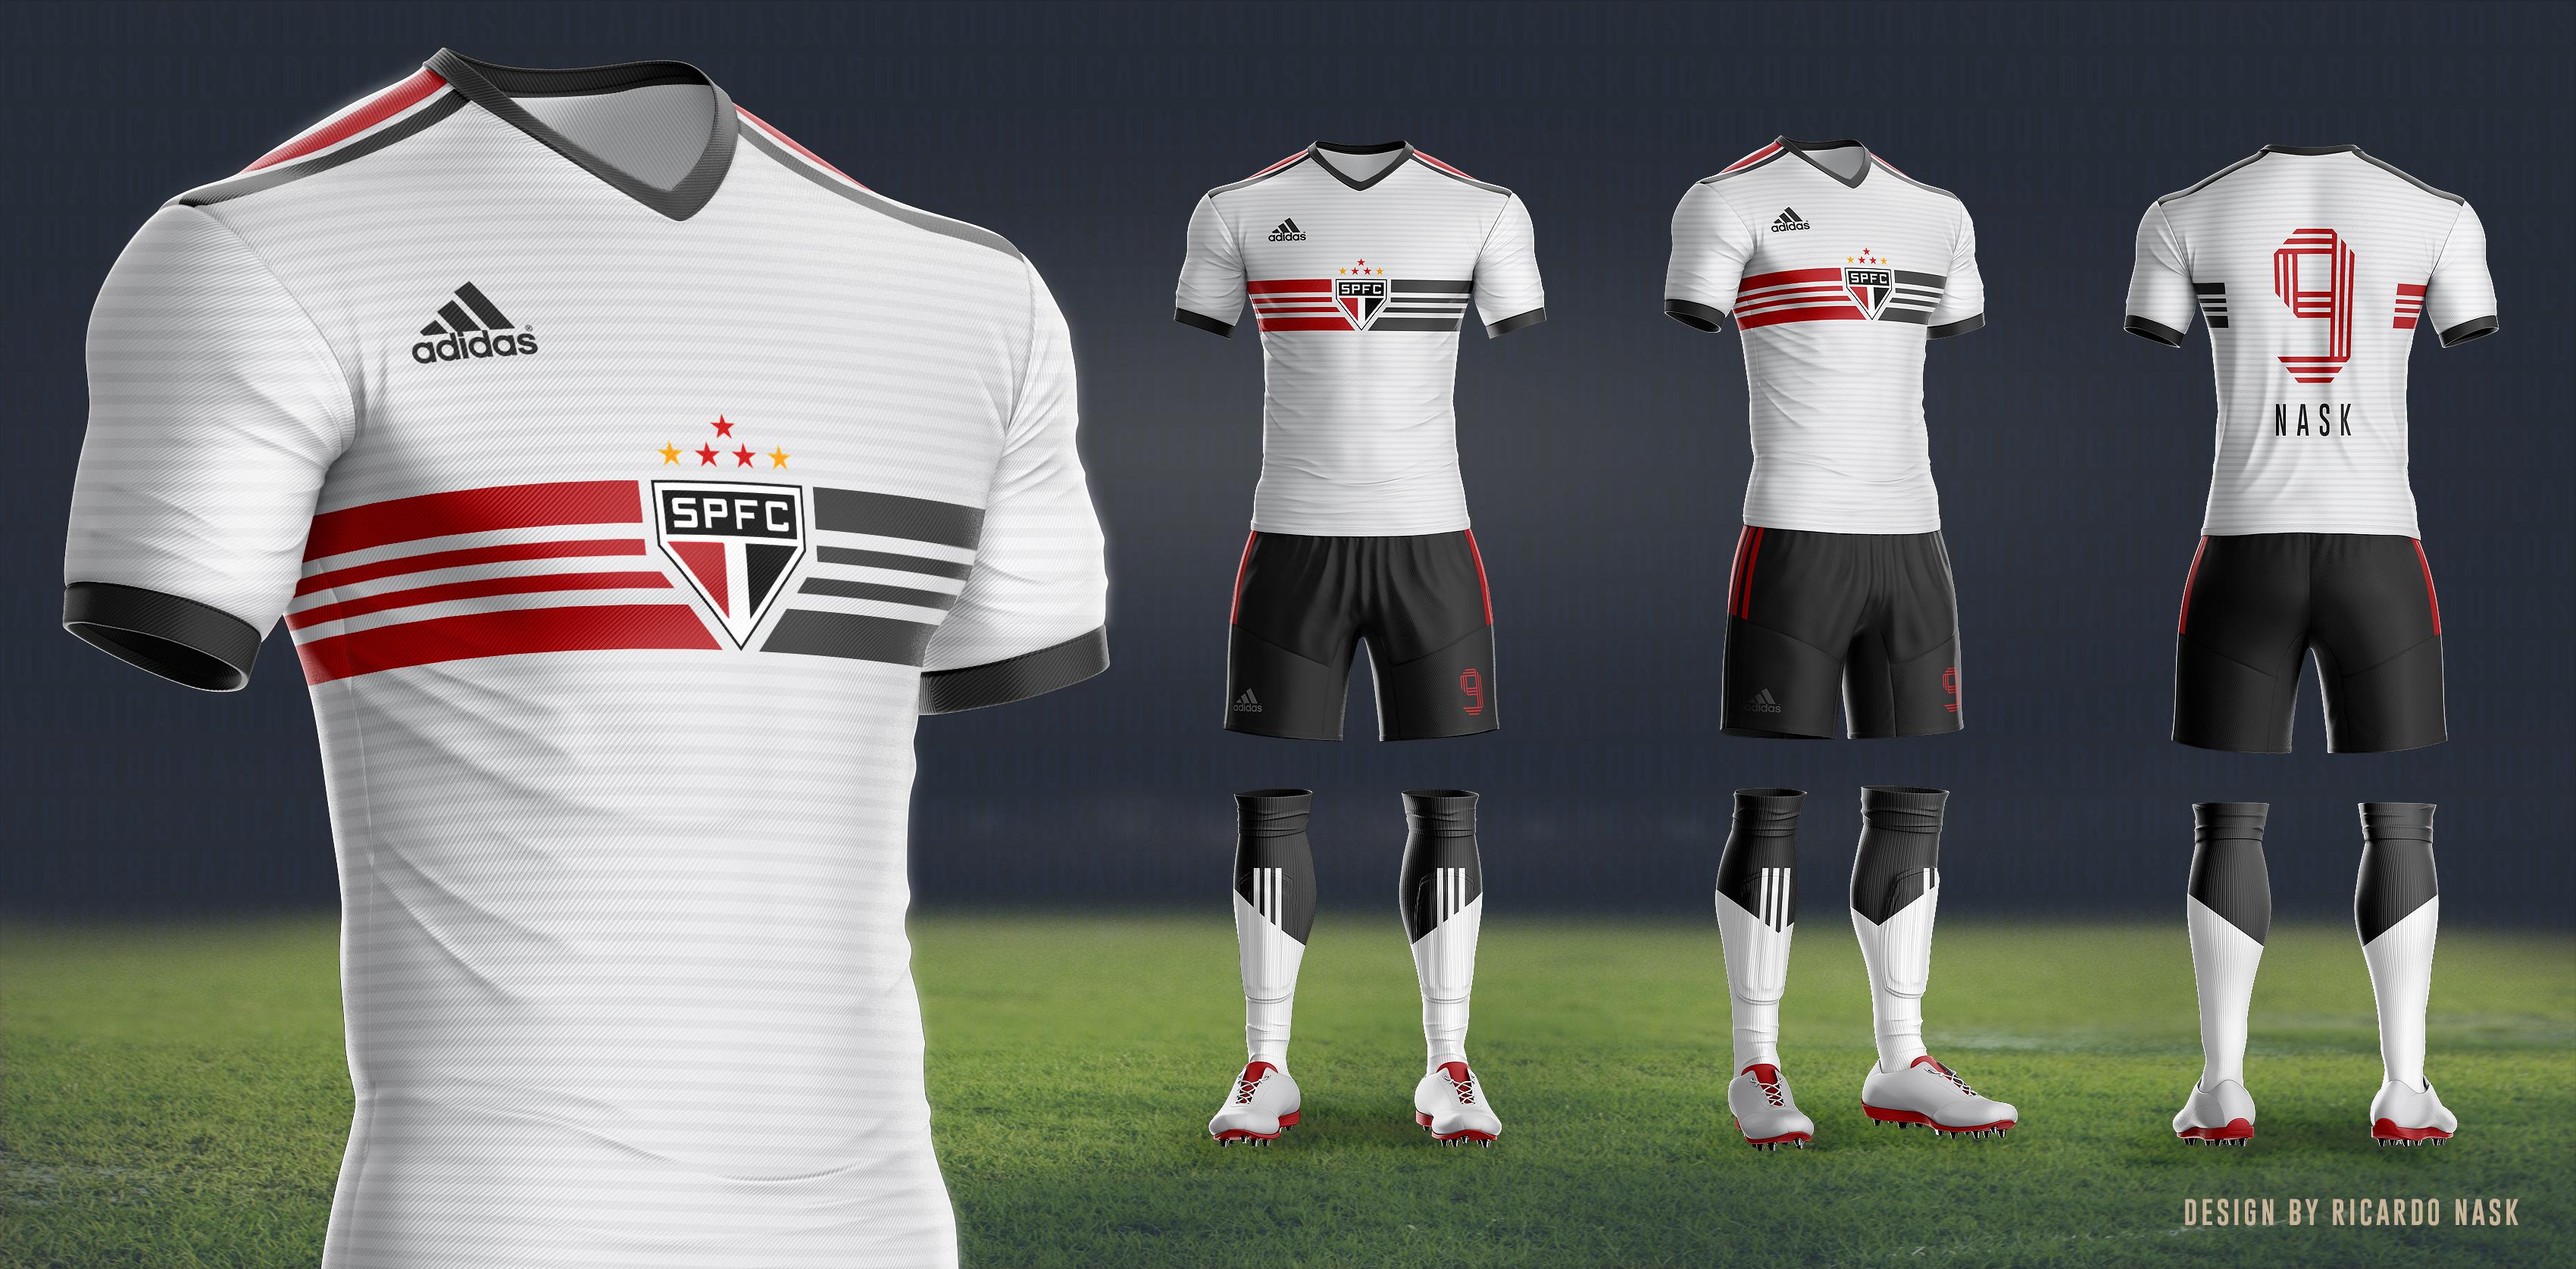 Design de uniformes novos  Adidas e São Paulo – SãoPaulo.Blog 5ec7b873b0f7a